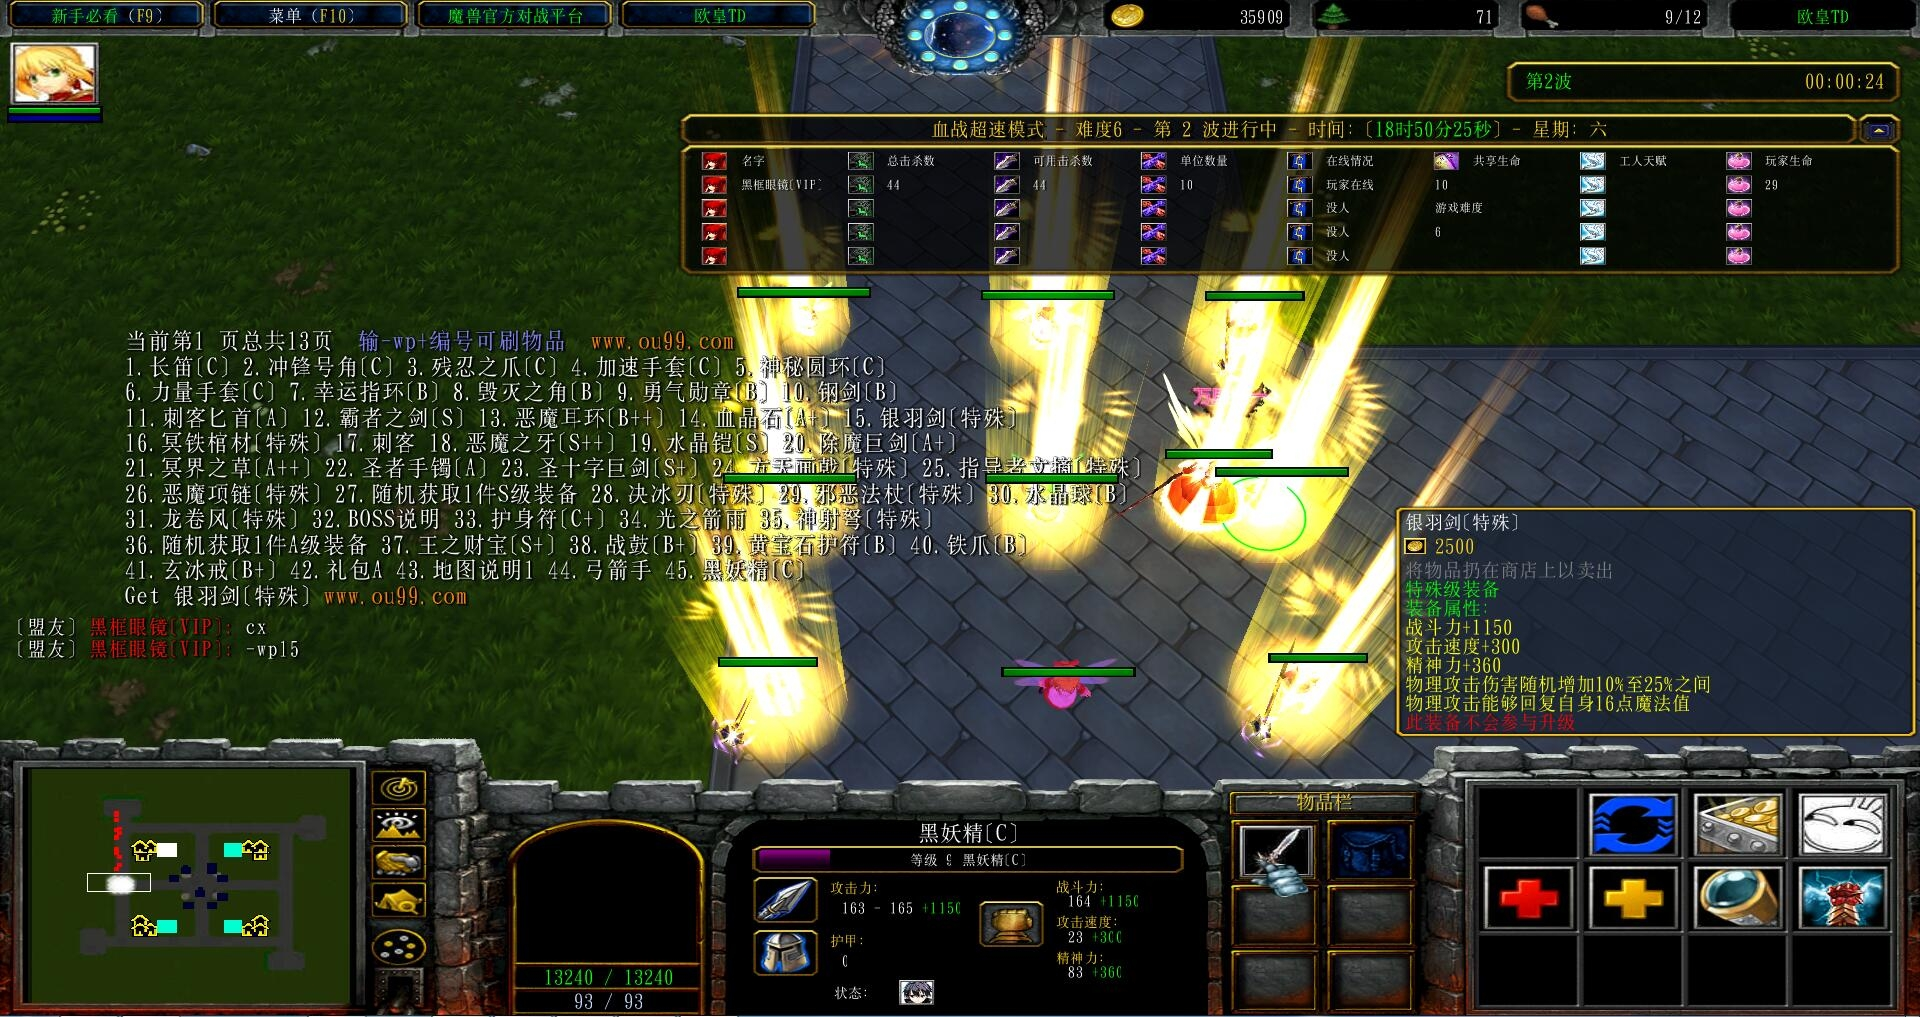 欧皇贪玩TD2.9.3黑式破解